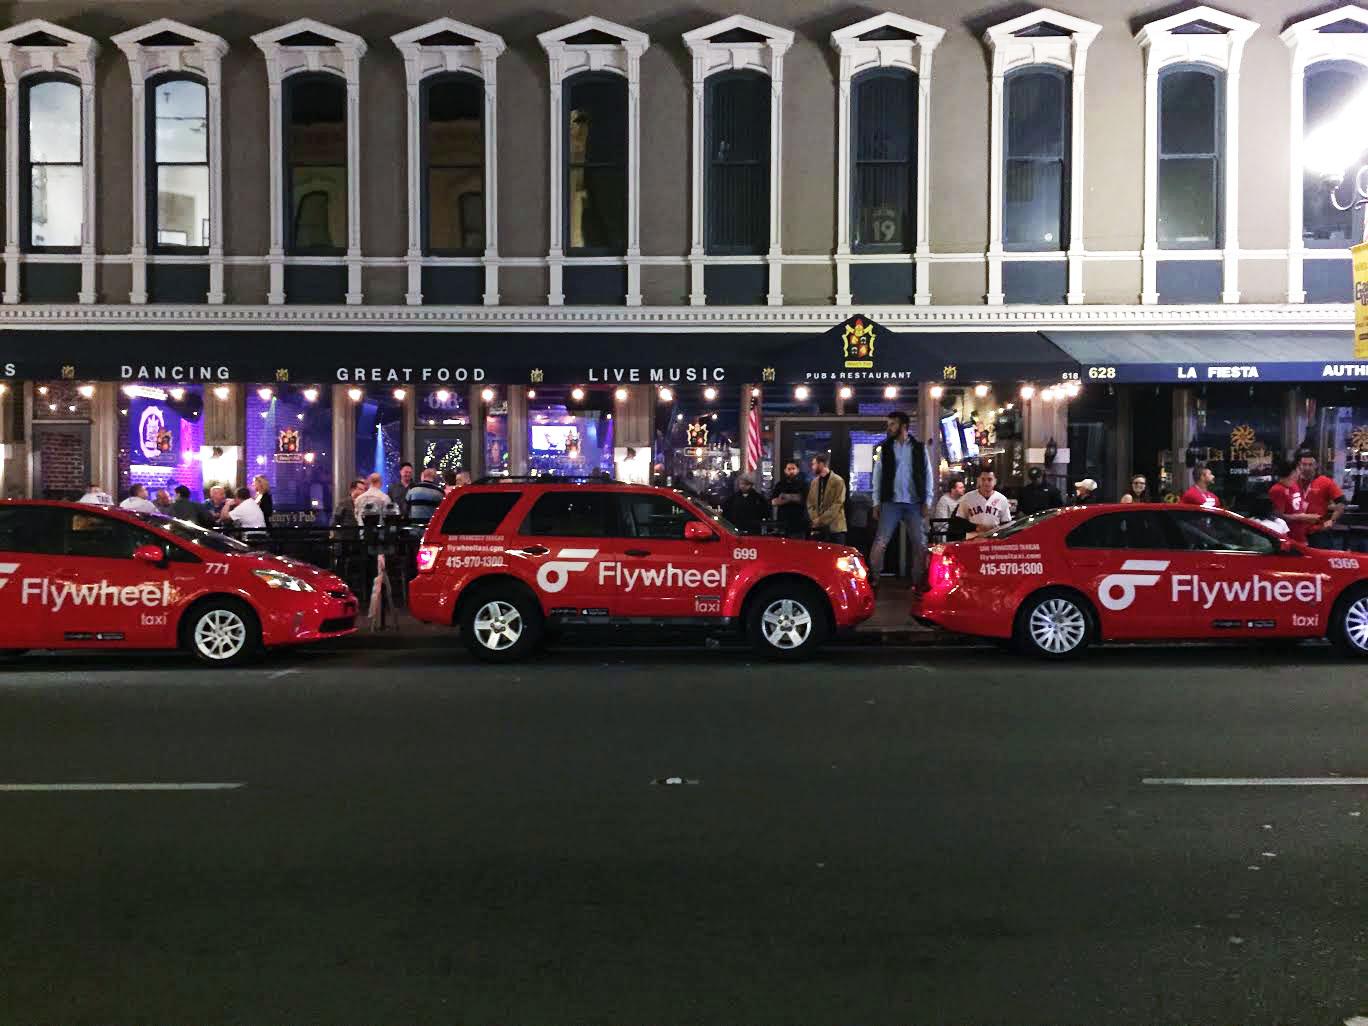 Flywheel's taxis.